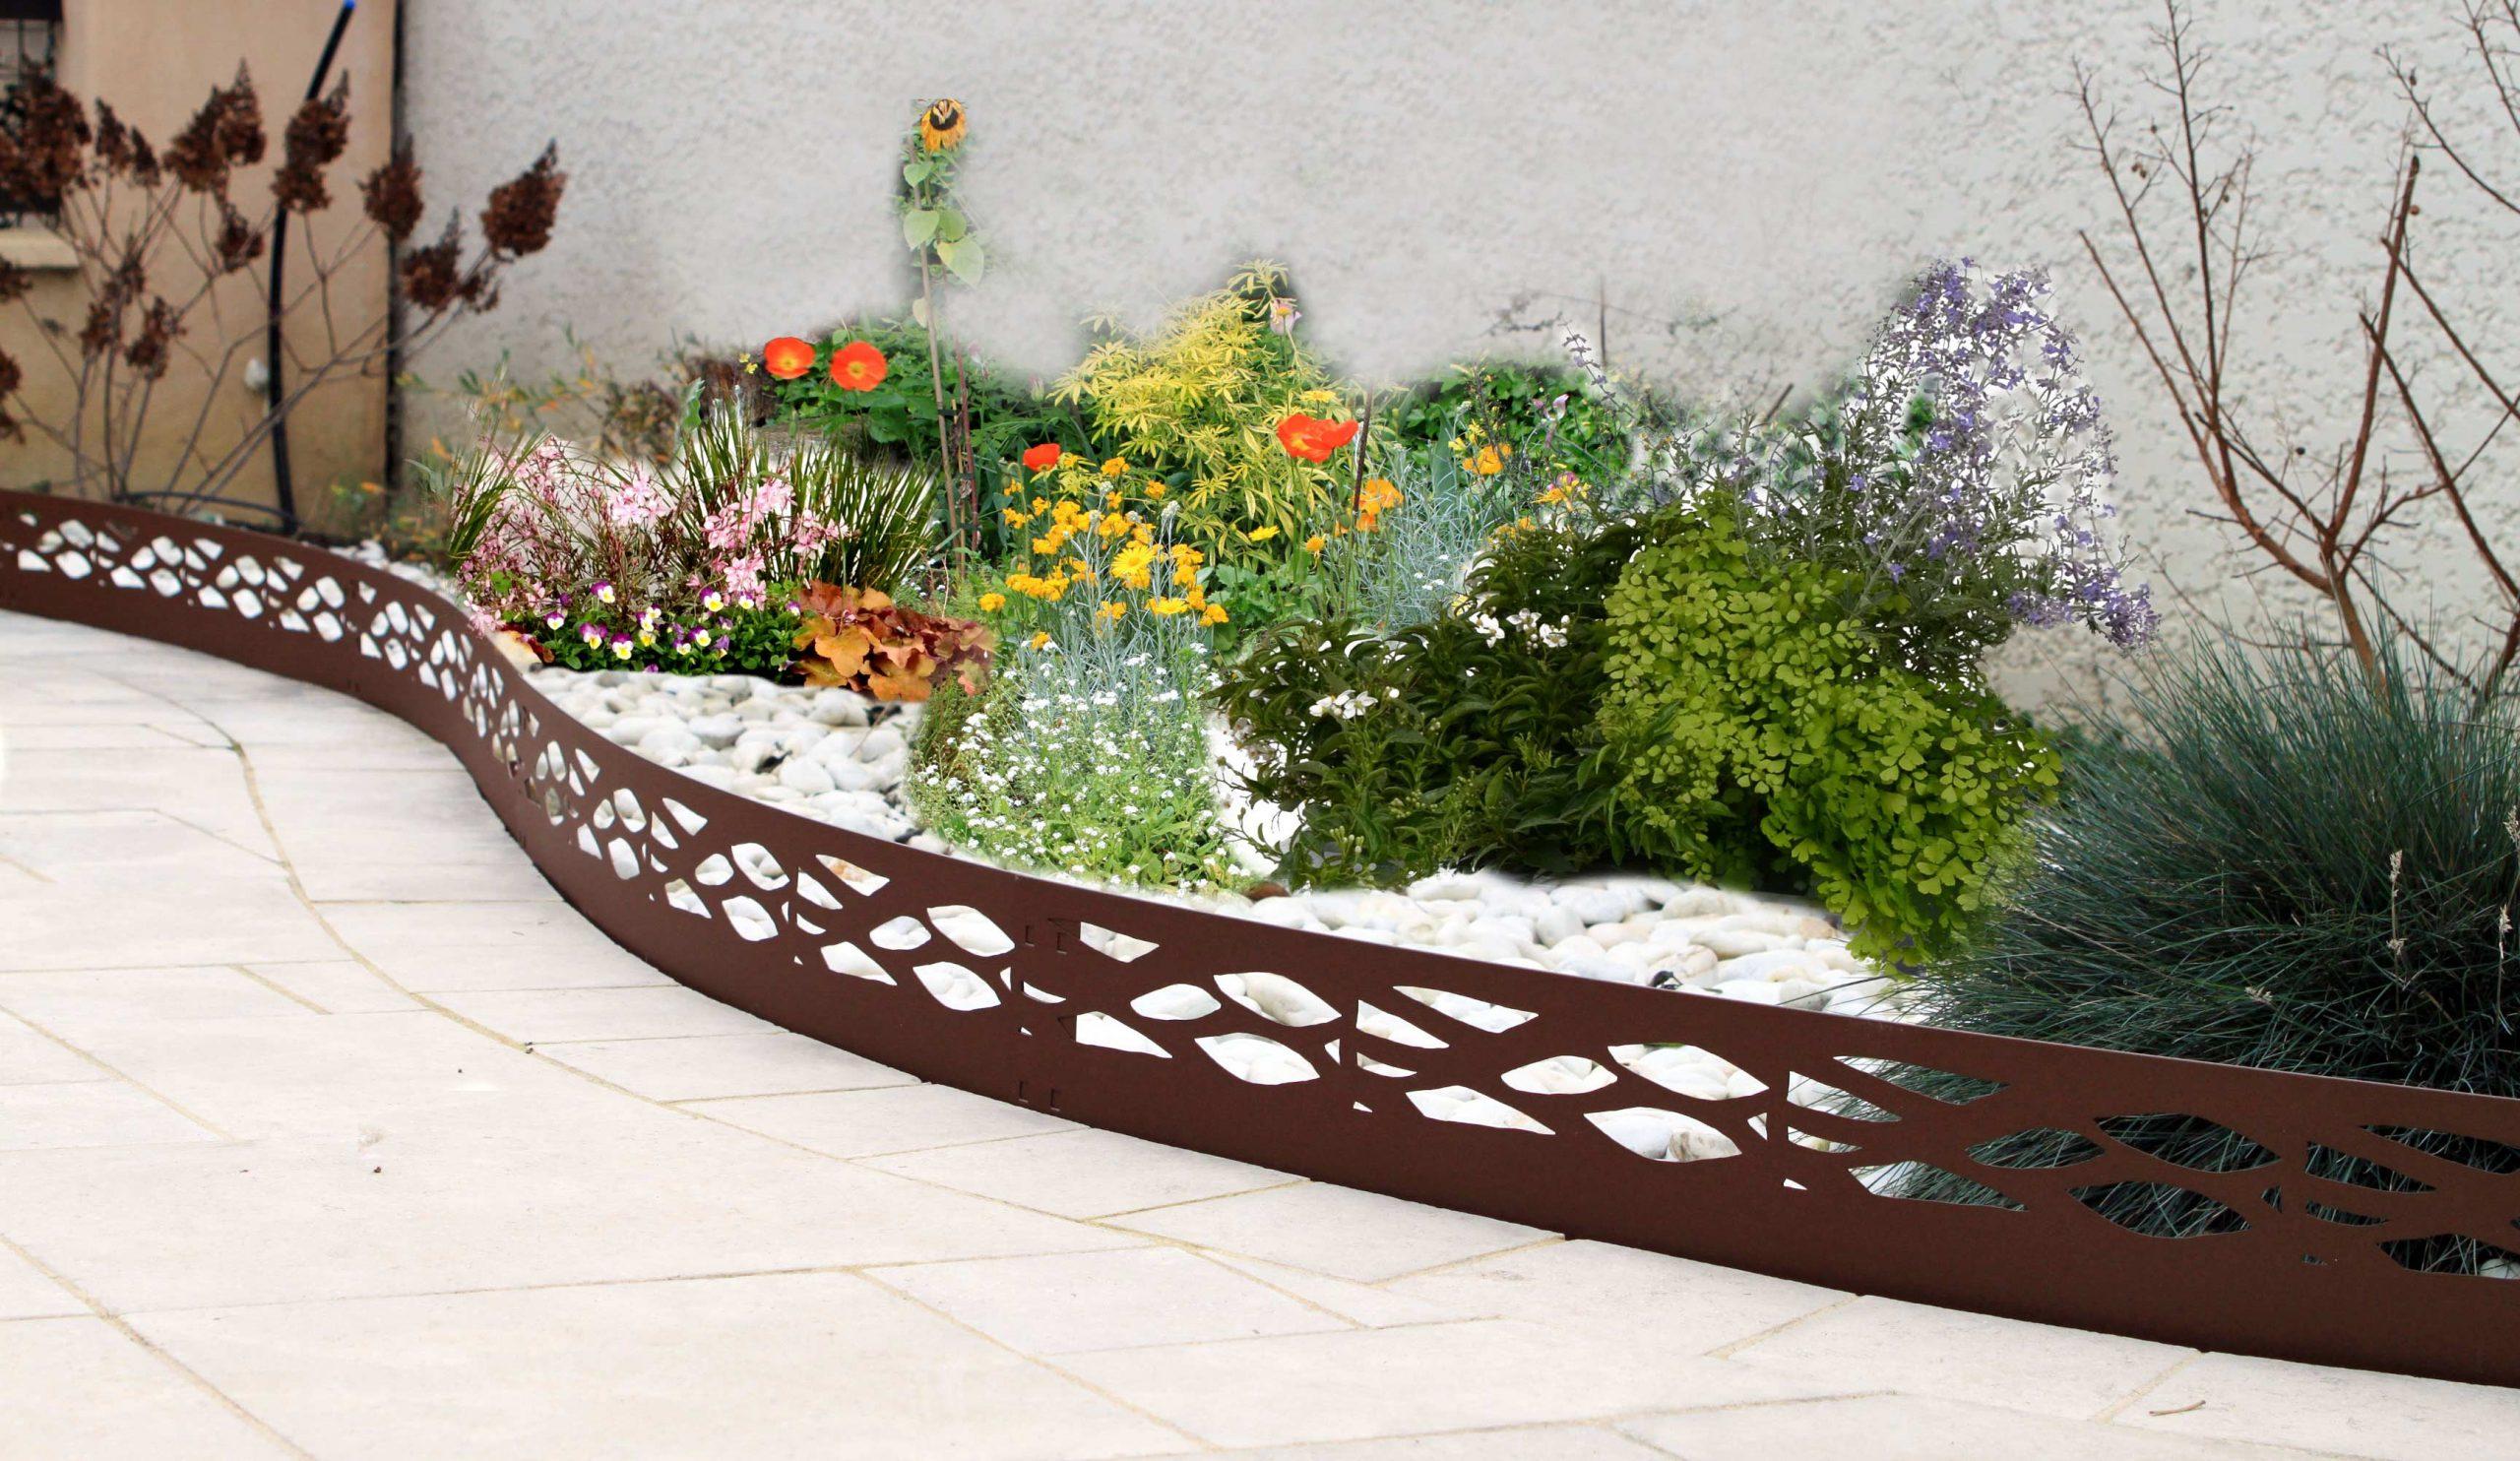 Les Conseils Pratiques De Jardin Et Saisons Pour Installer ... avec Bordure De Jardin En Acier Galvanisé